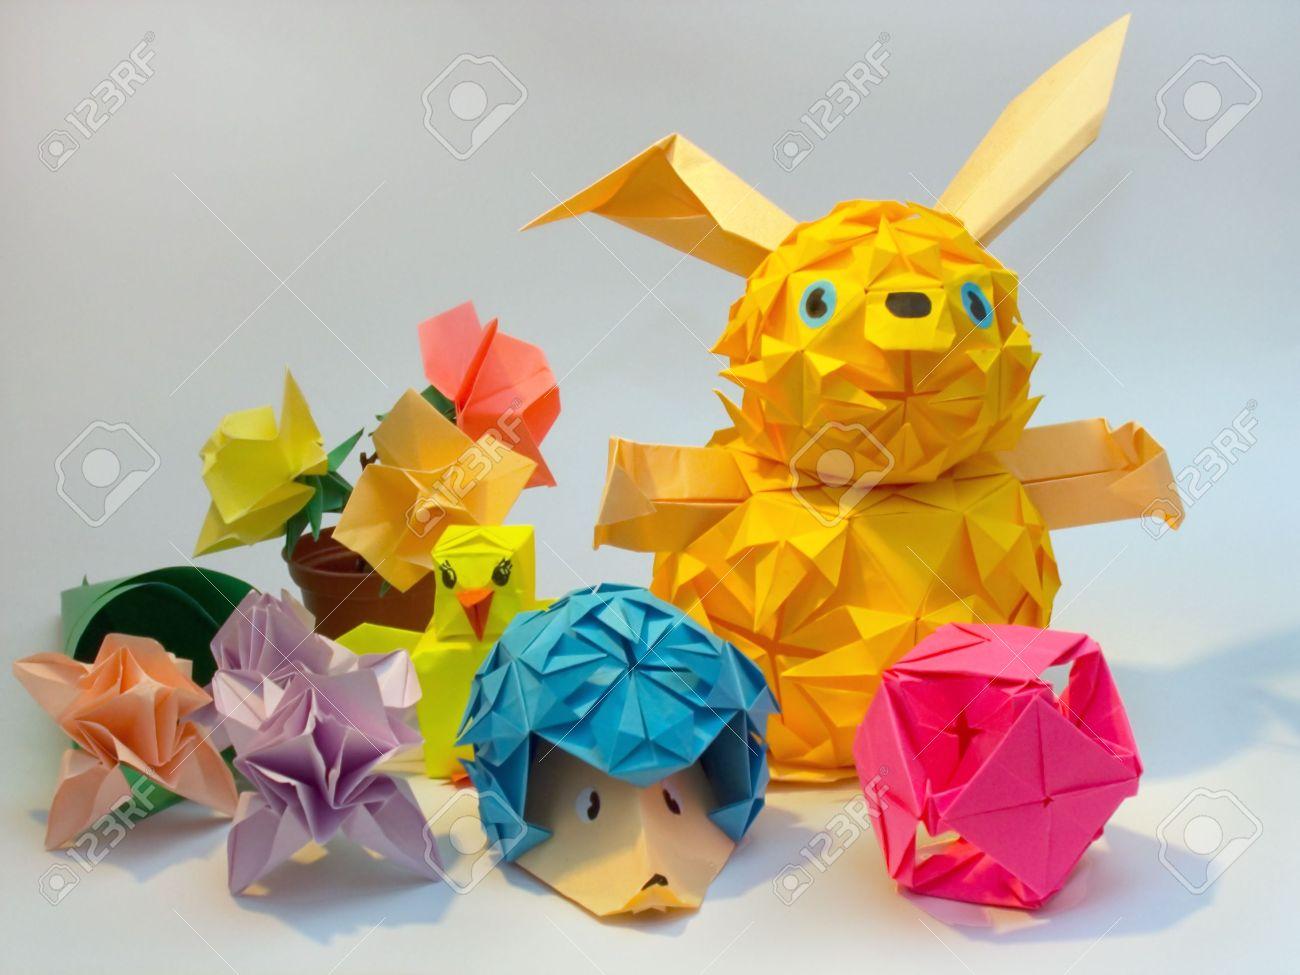 ハリネズミ 折り紙 難しい折り紙25選|少し難易度の高い立体の折り方から超リアルなものまで